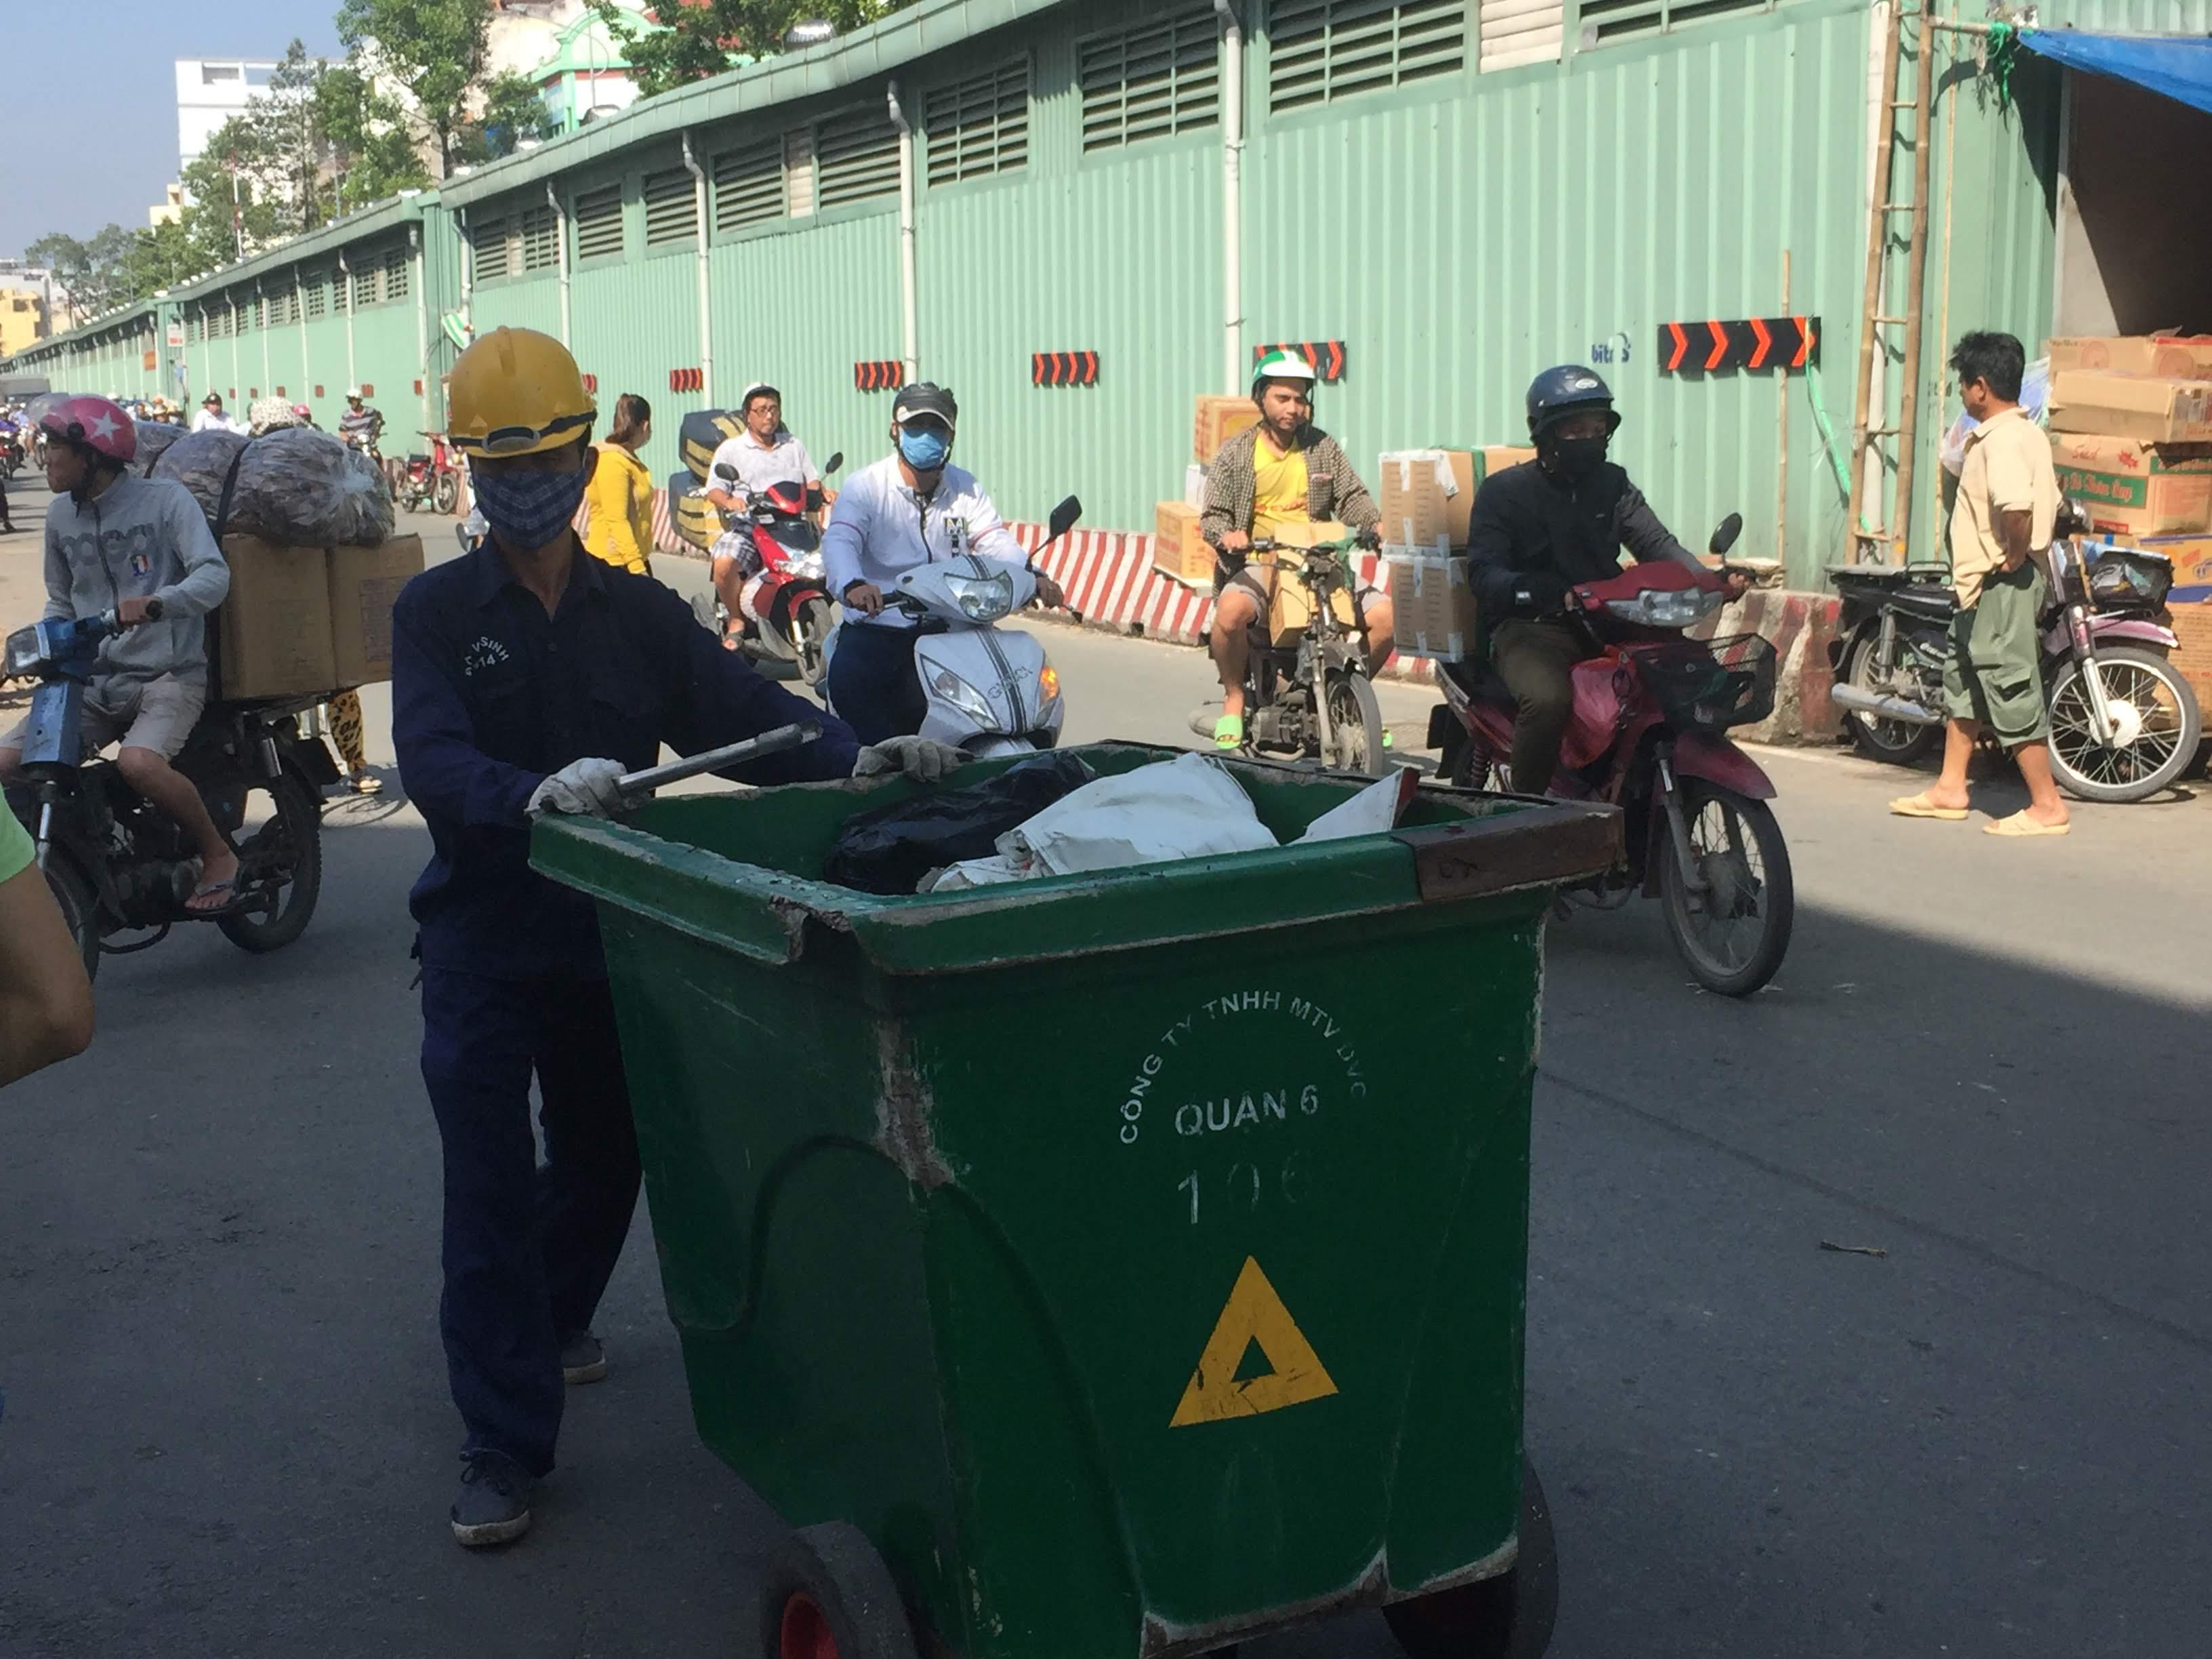 Qui định giá tối đa đối với dịch vụ thu gom, vận chuyển rác thải sinh hoạt